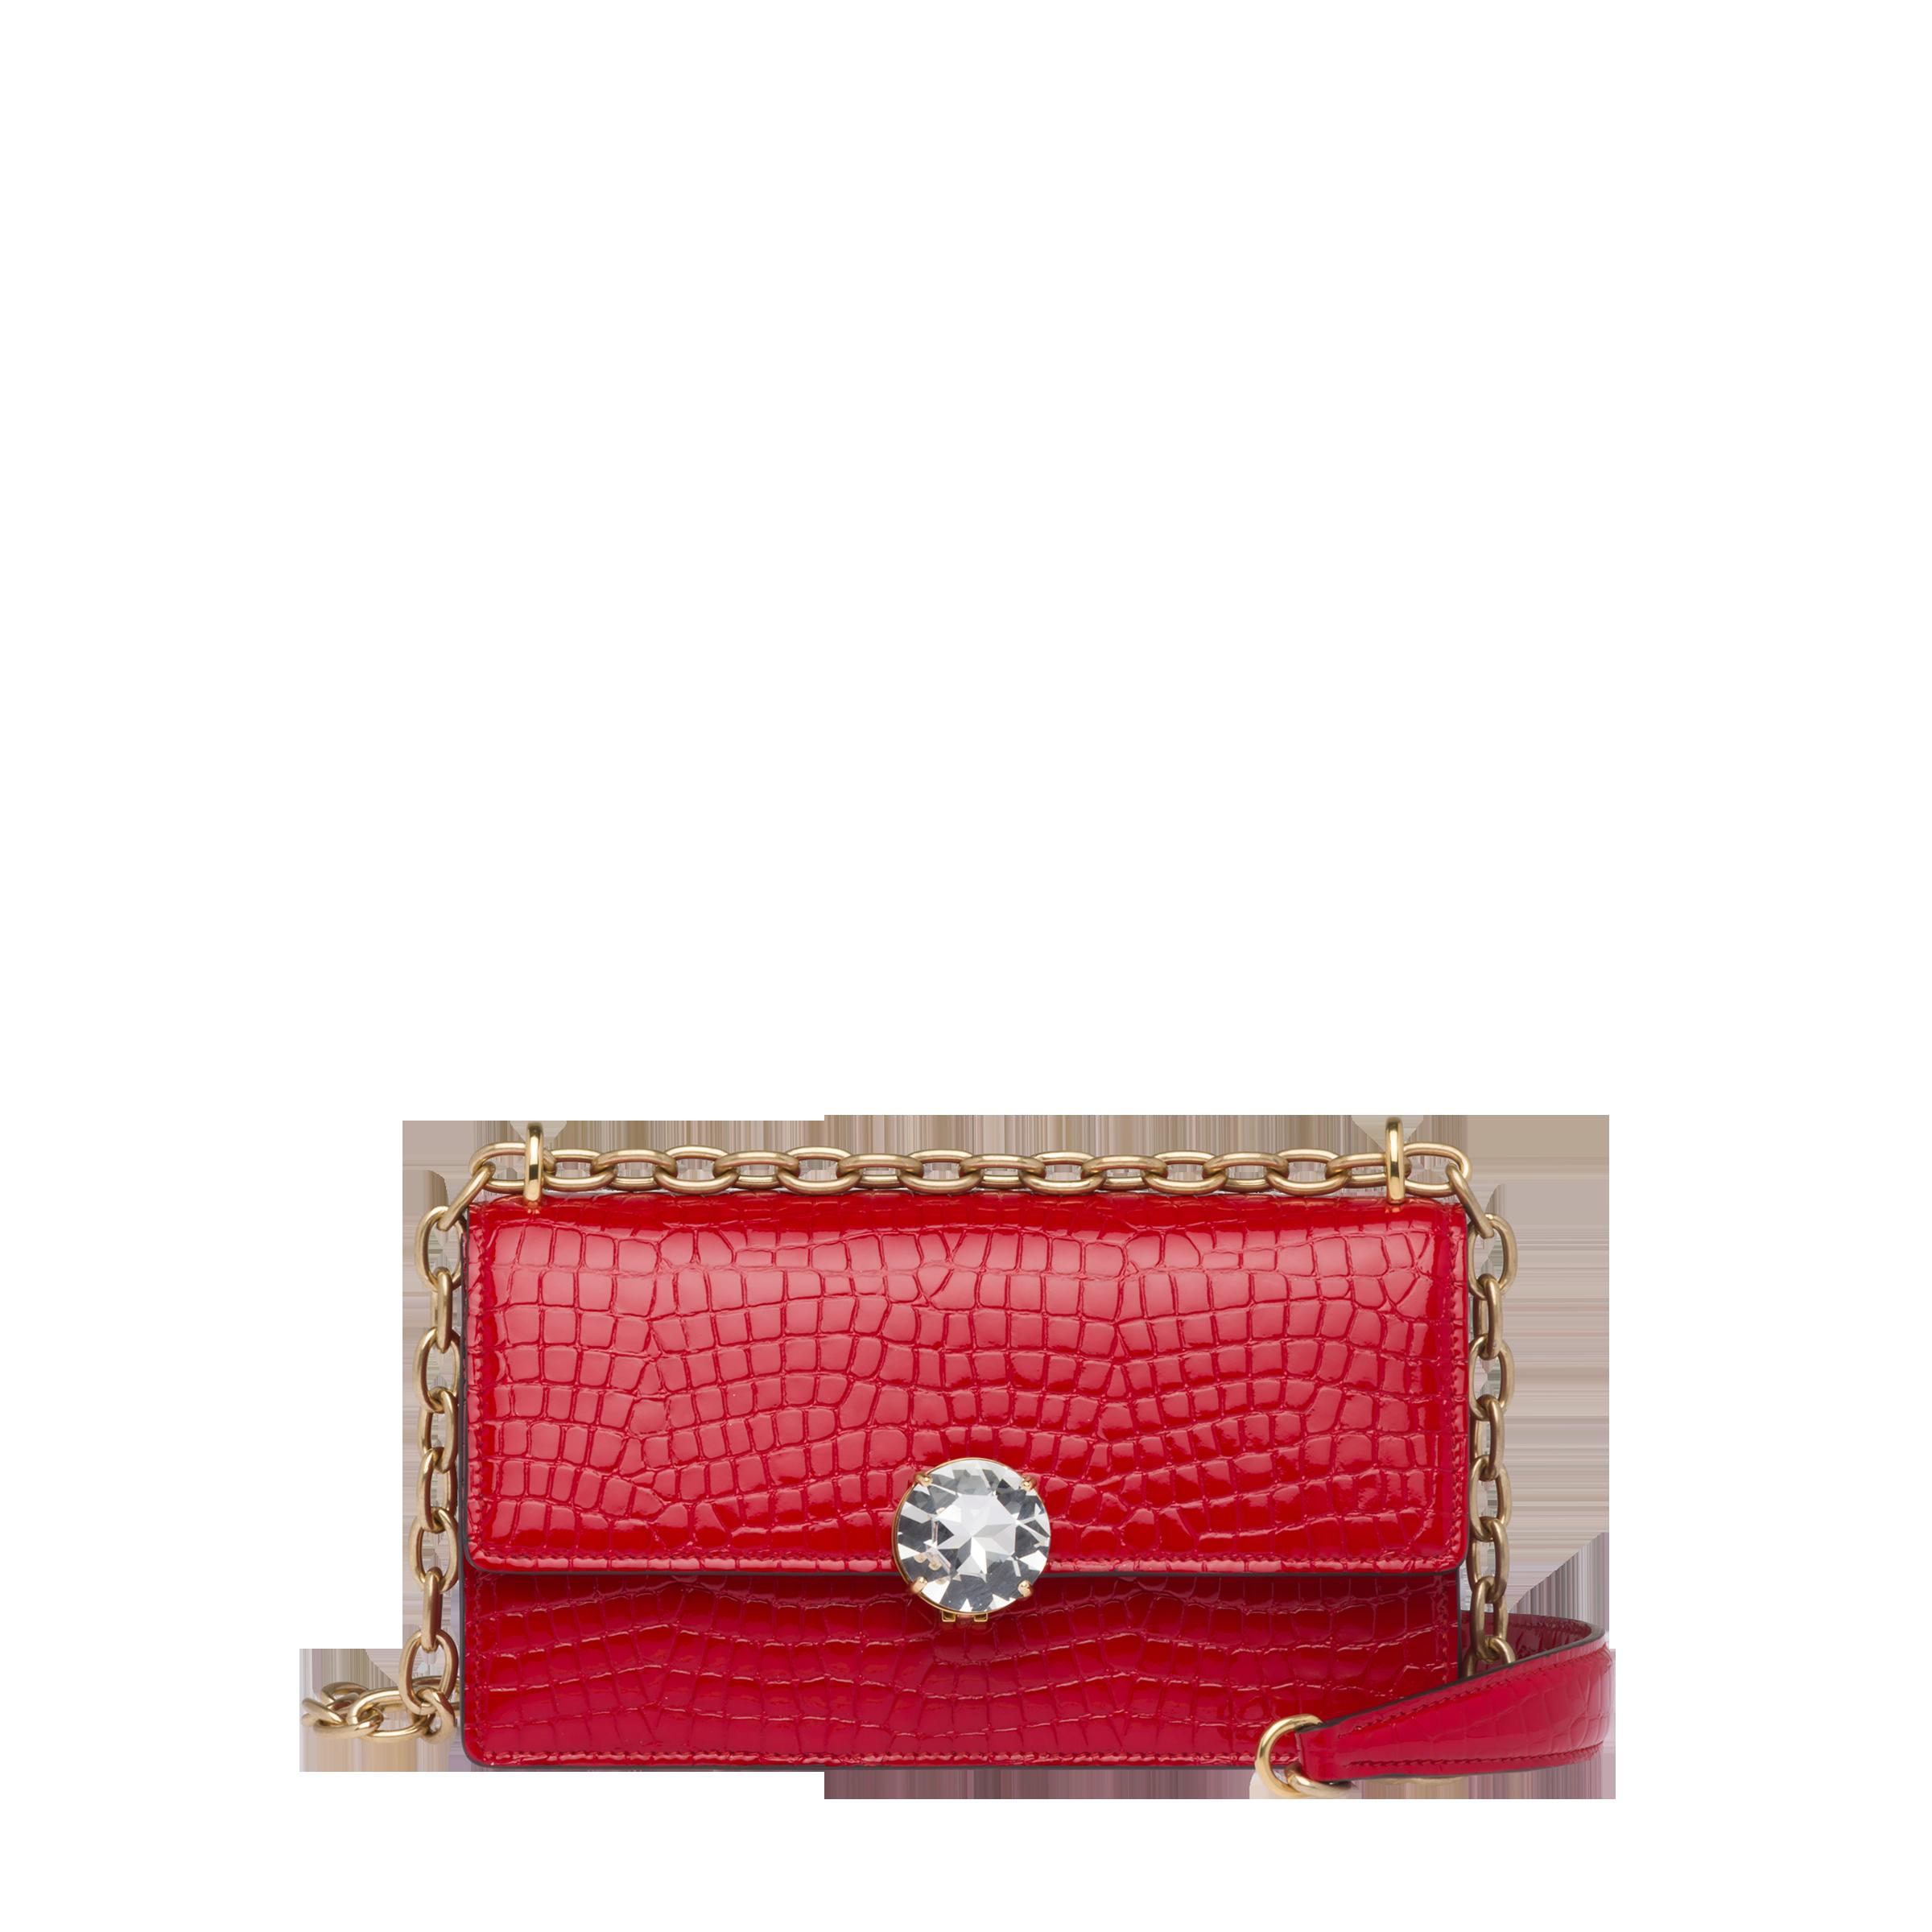 Miu Solitaire patent leather bag  d2d0b5d424c0b